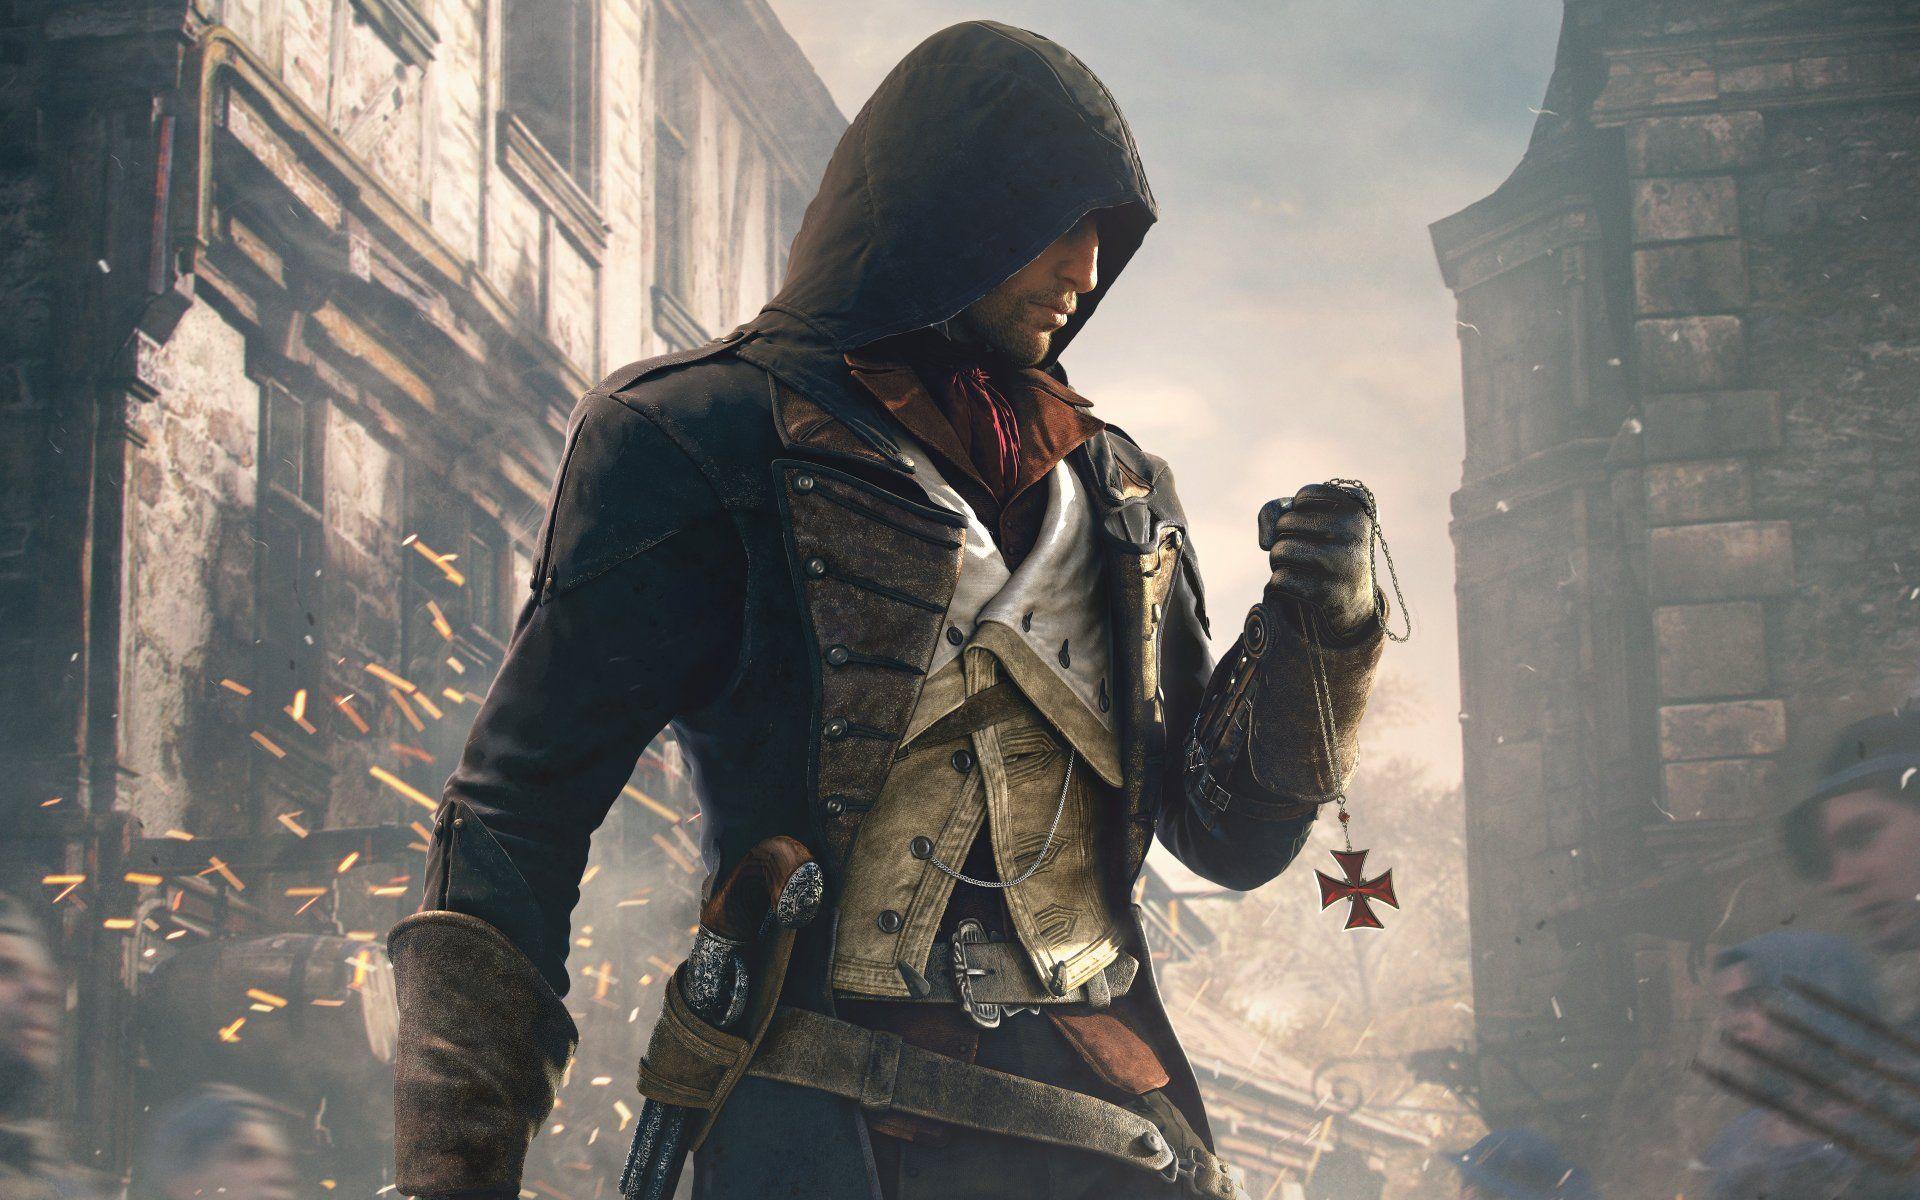 Alguns consideram como sendo um jogo ambicioso para a época, a verdade é que Assassins Creed: Unity da Ubisoft empurrou a tecnologia ao limite!